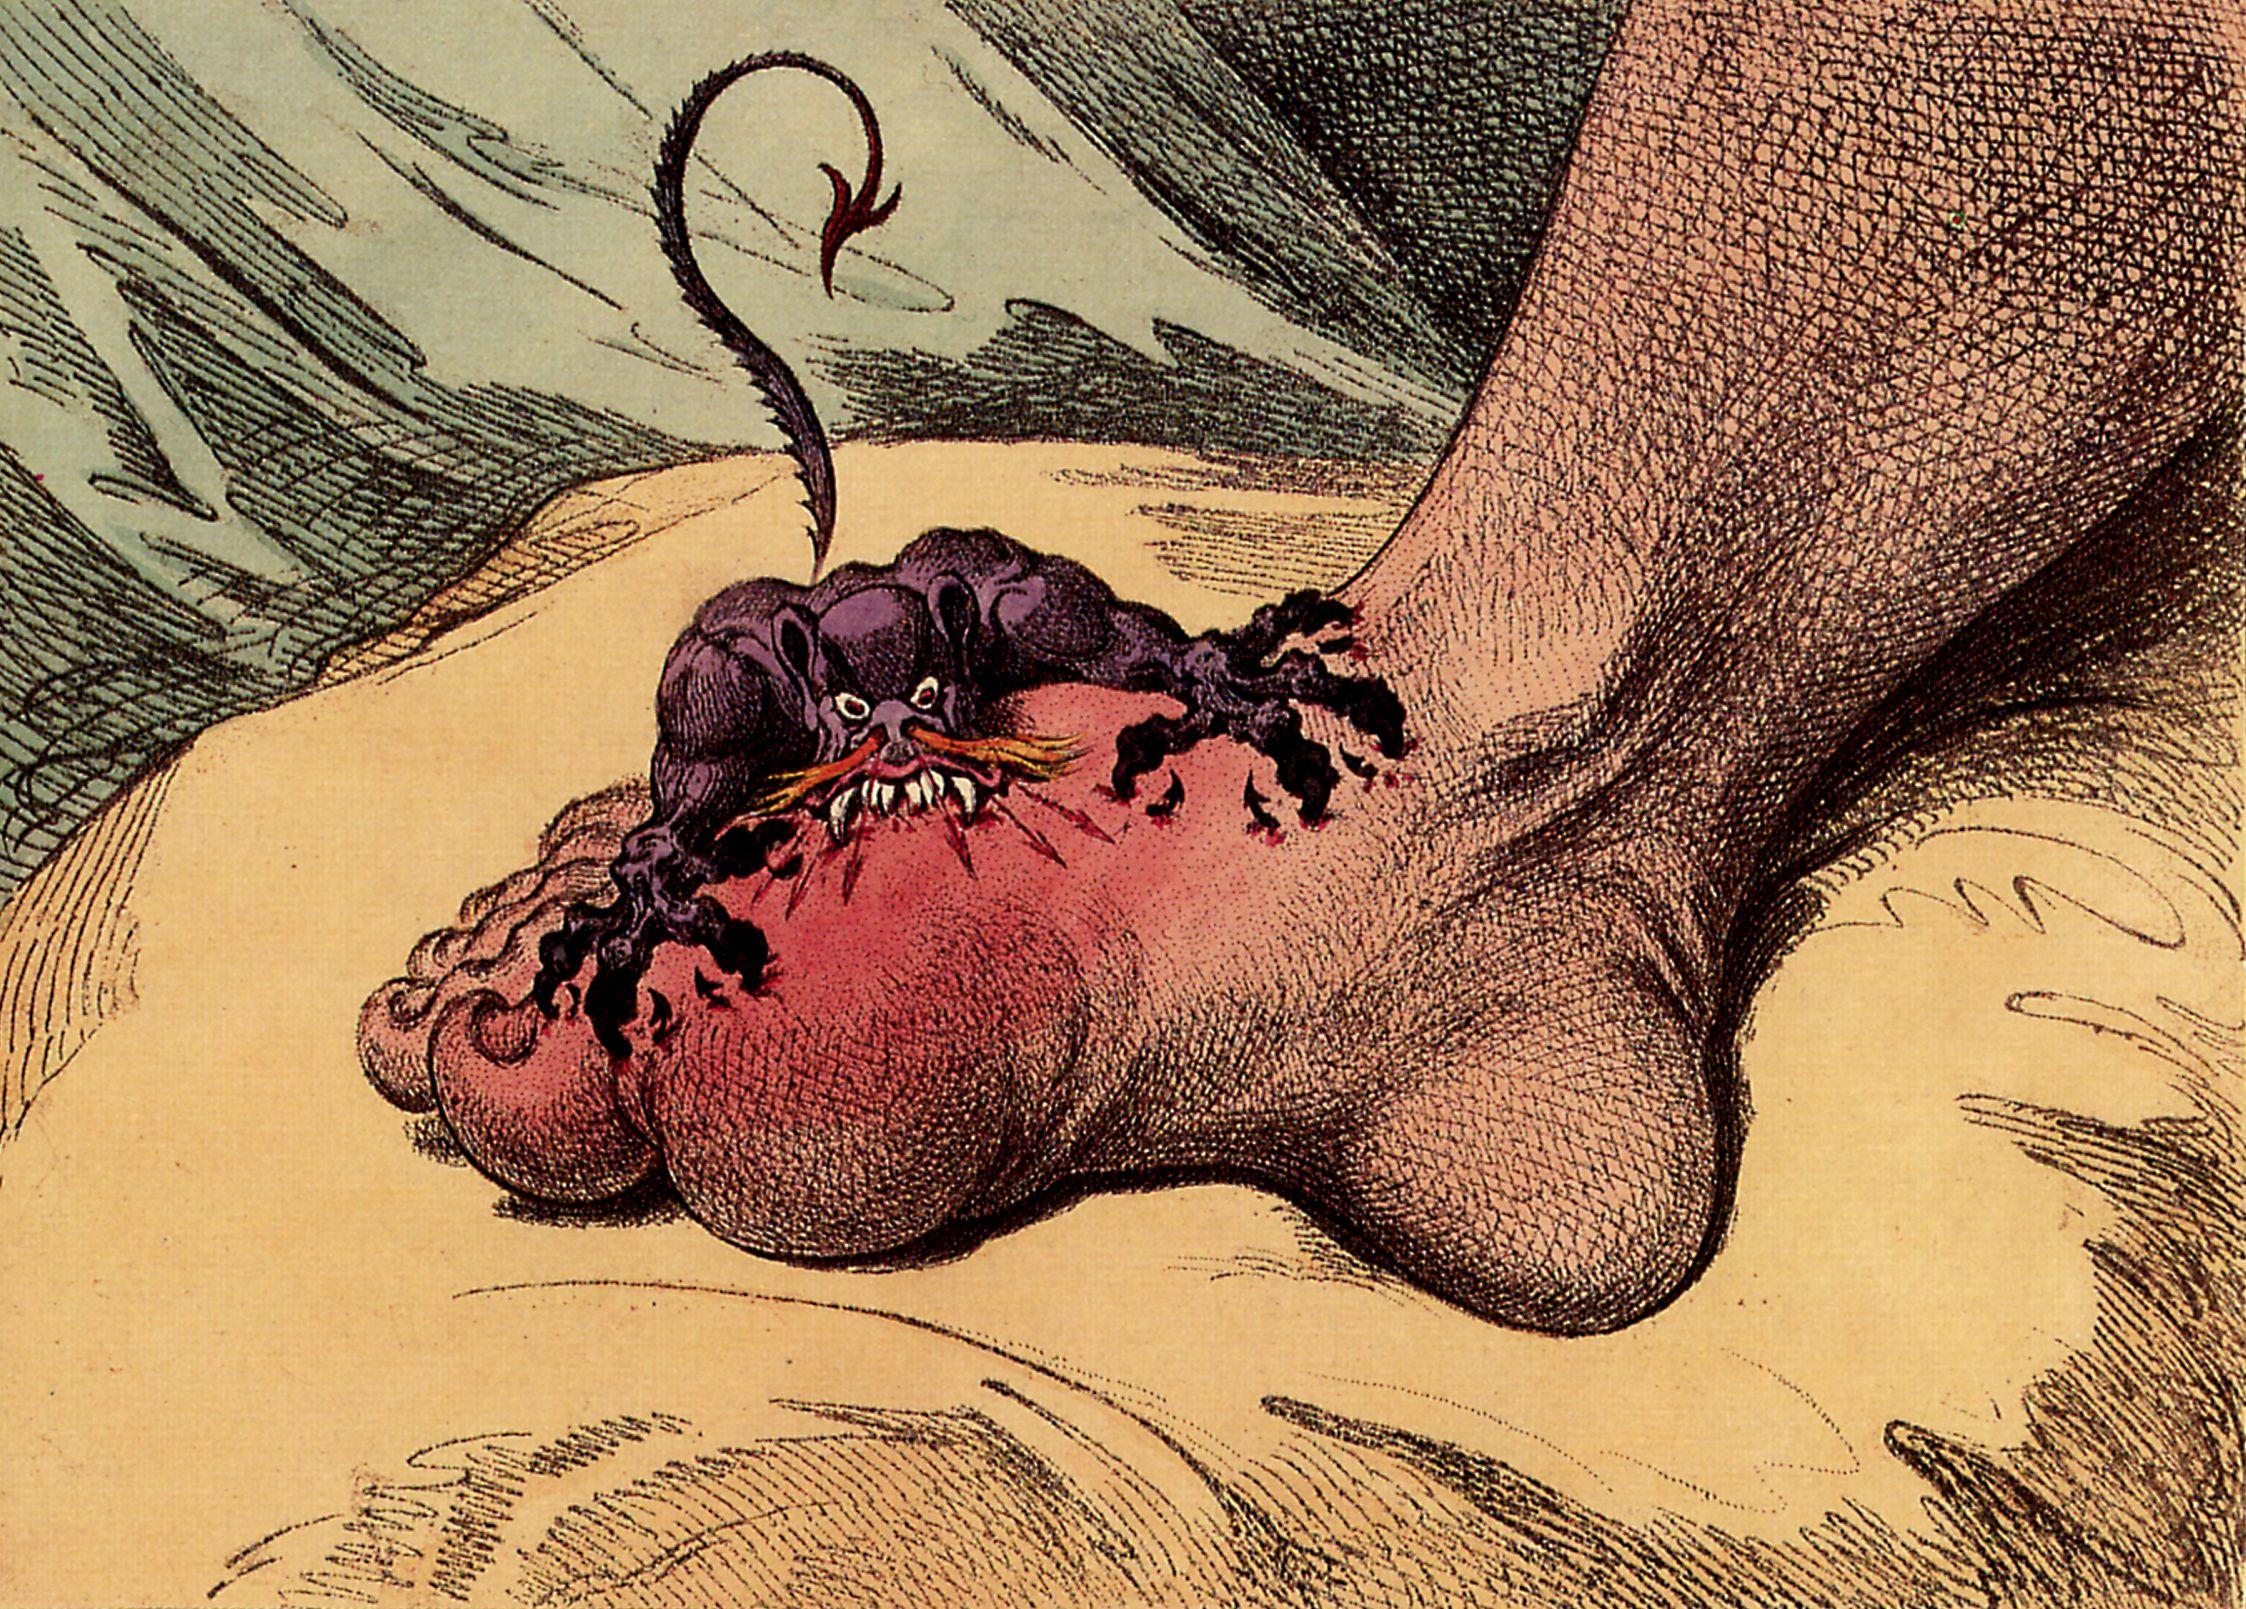 صور مرض الطاعون , نبذه عن مرض الطاعون